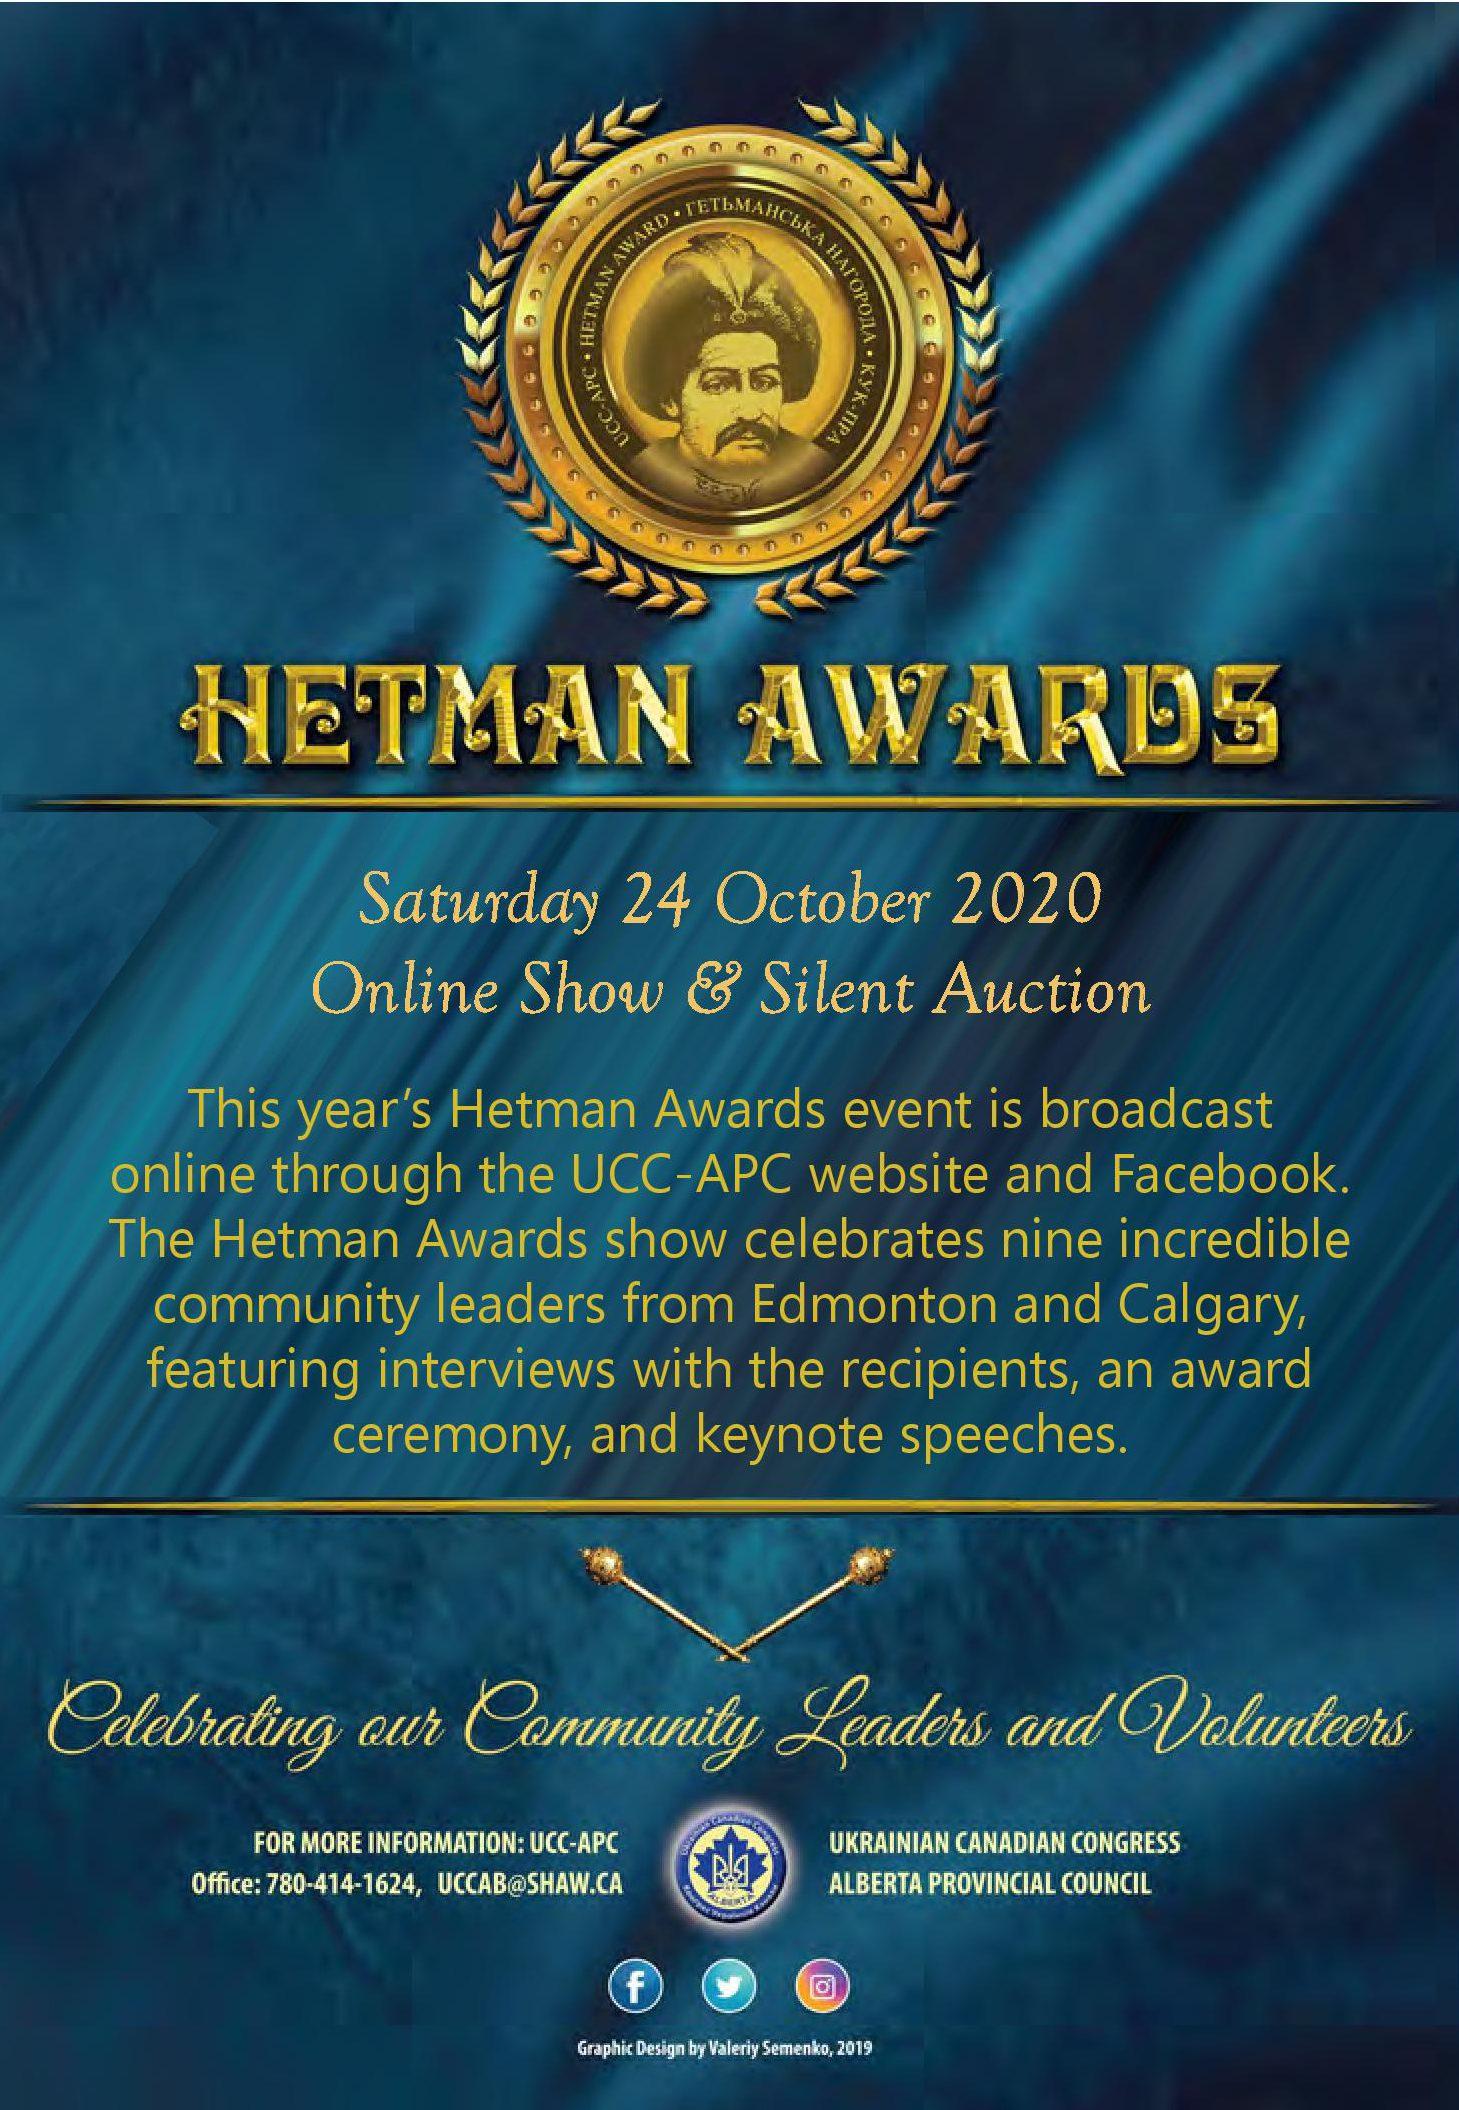 Hetman Awards